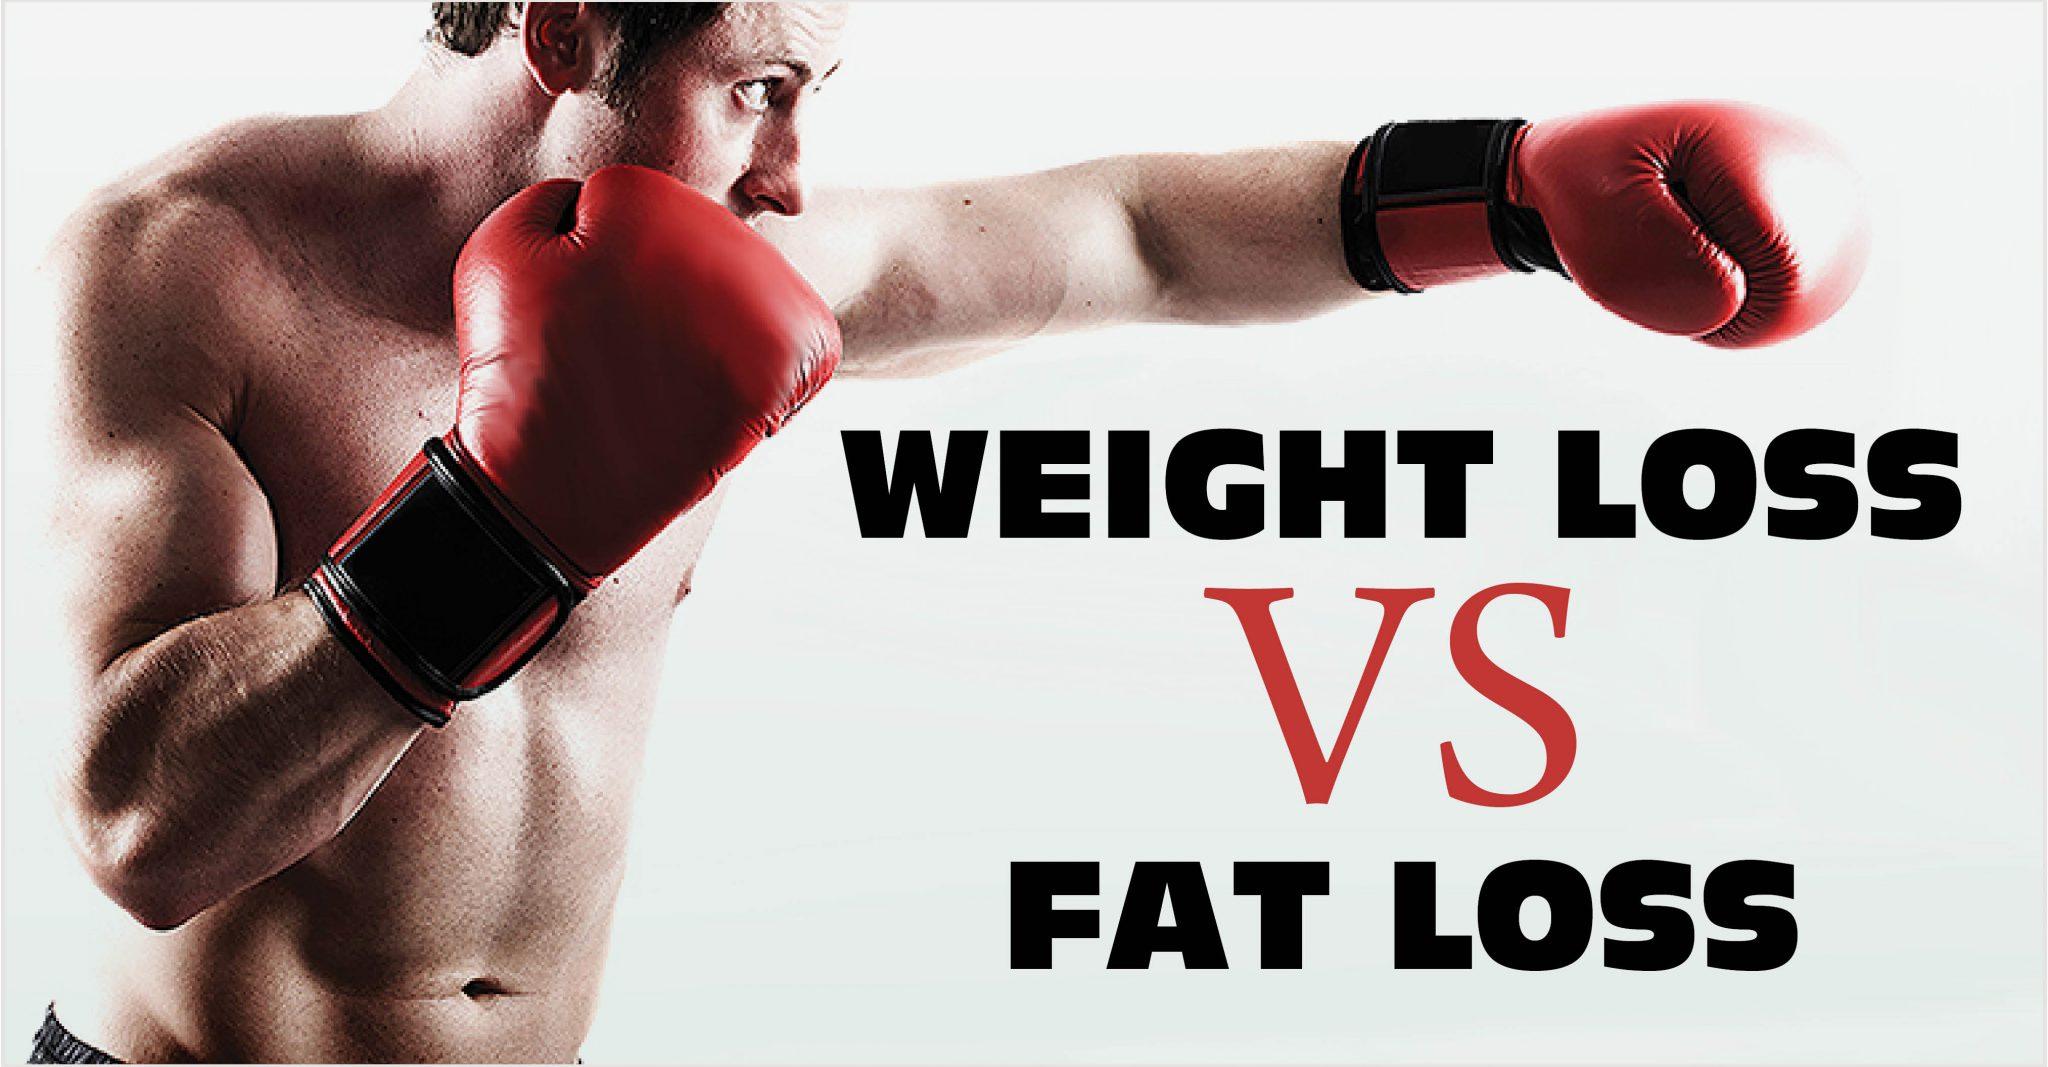 Pentru o pierdere în greutate eficientă și rapidă.